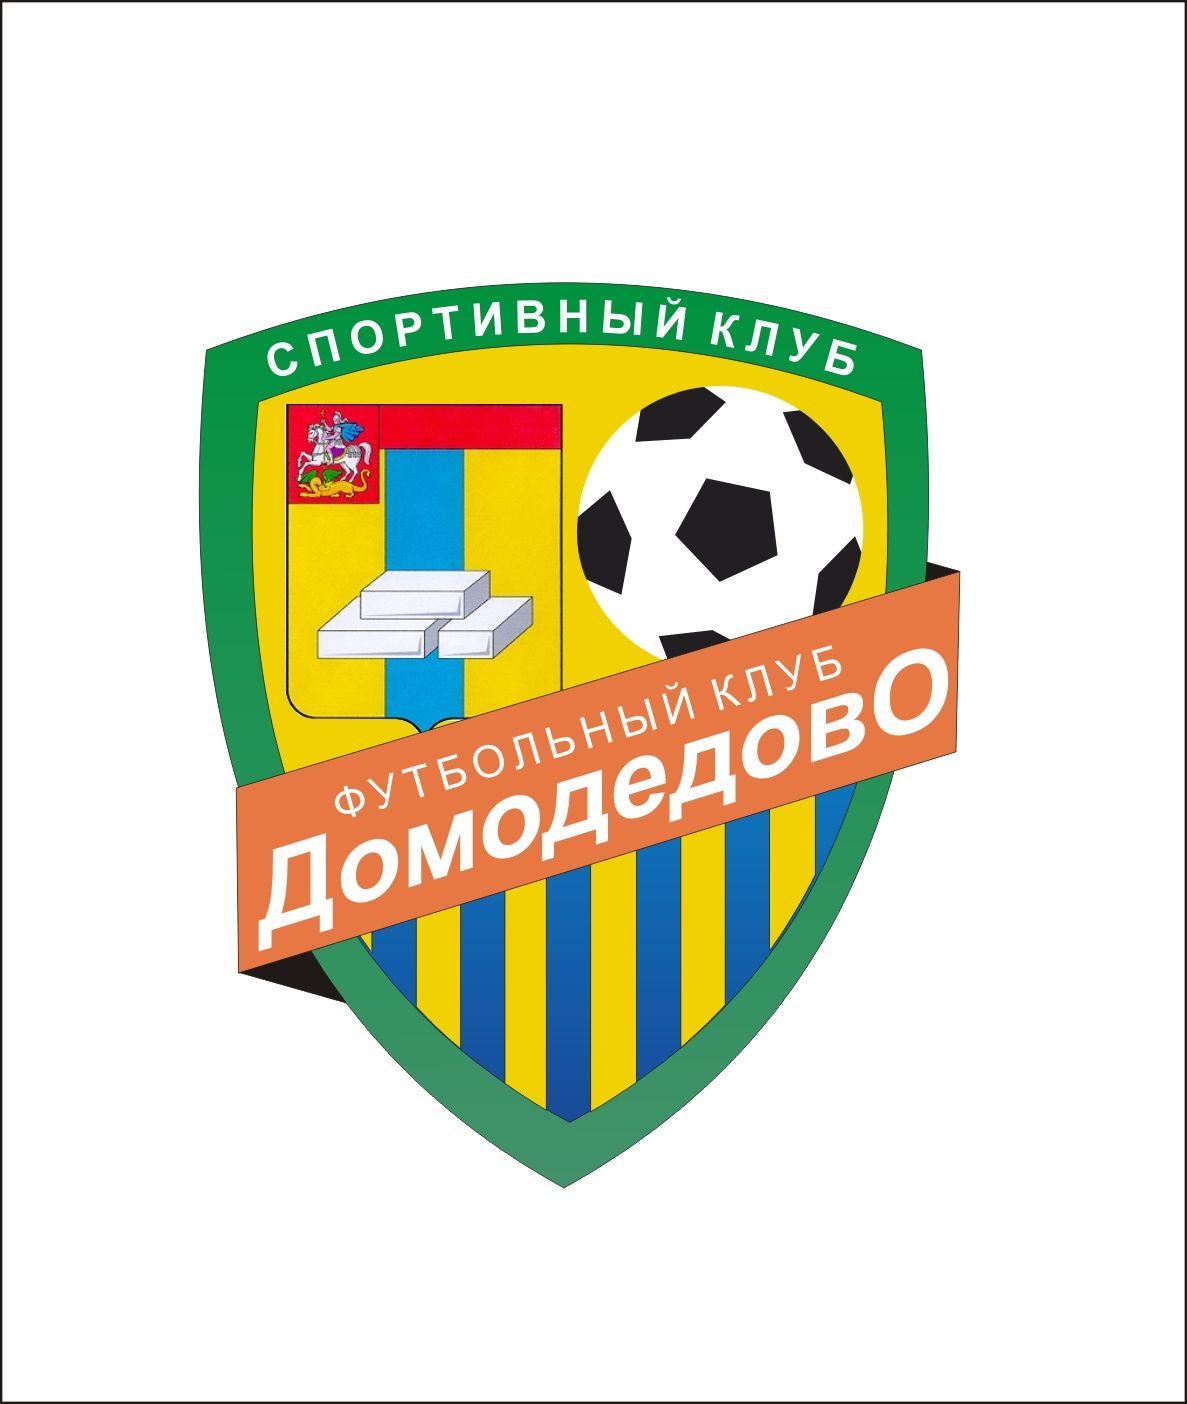 Логотип (Эмблема) для нового Футбольного клуба - дизайнер rusprog2005